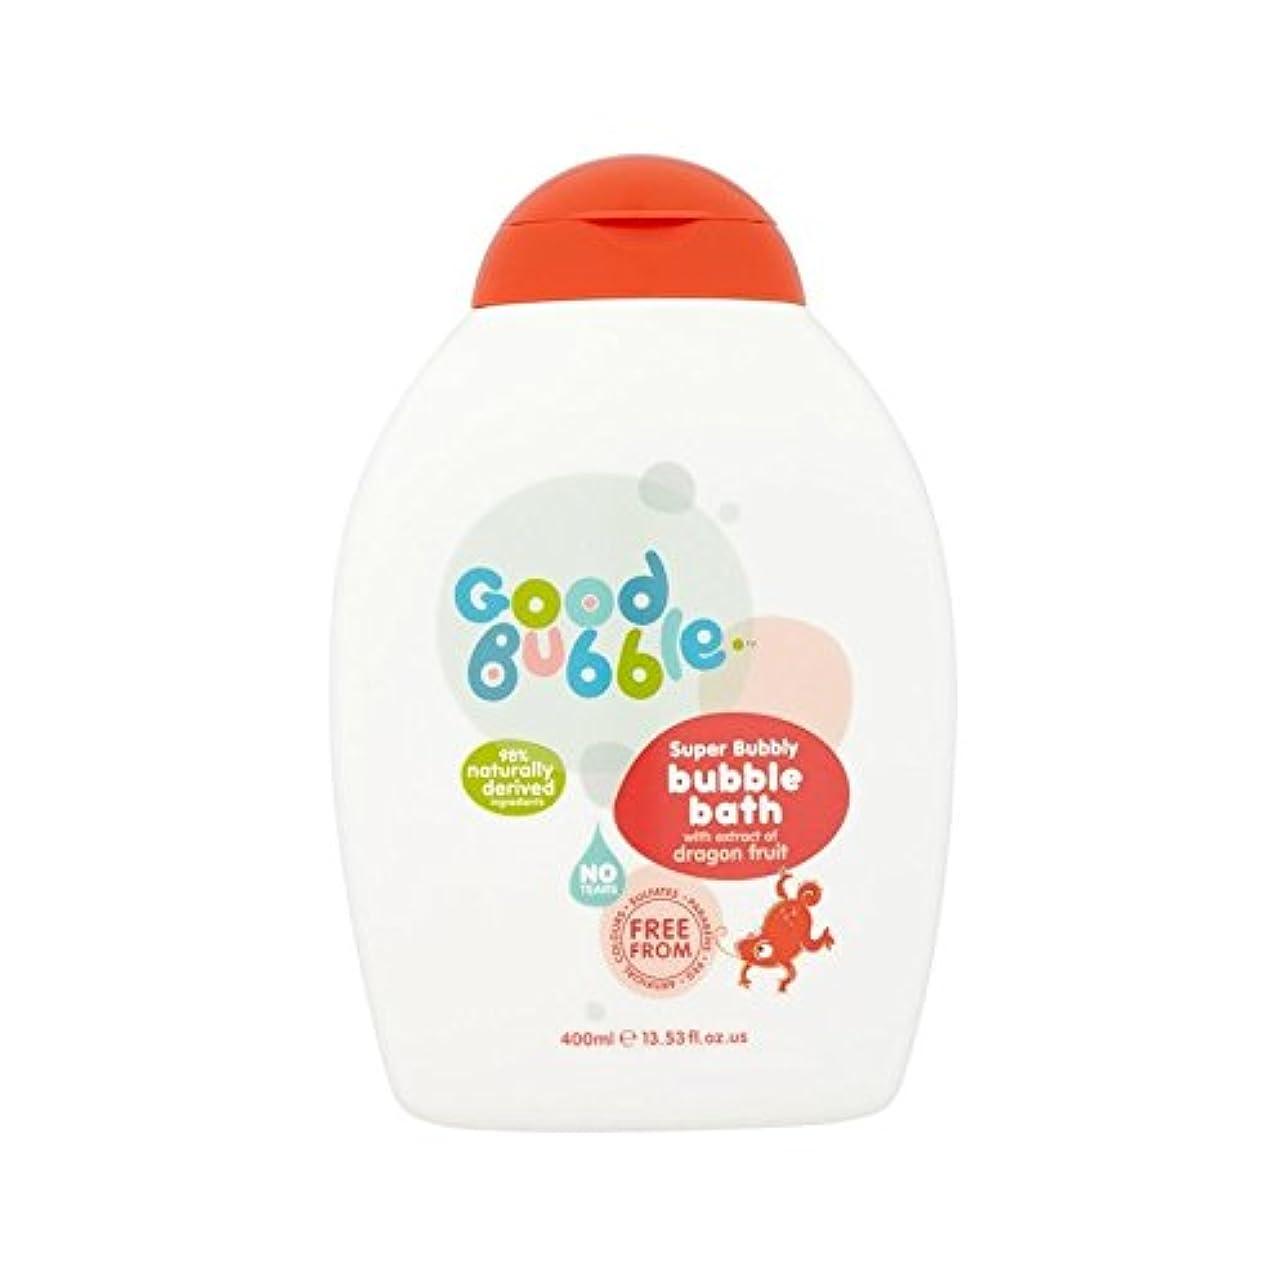 吸収ゲートウェイ愛されし者ドラゴンフルーツエキスの400ミリリットルと泡風呂 (Good Bubble) - Good Bubble Bubble Bath with Dragon Fruit Extract 400ml [並行輸入品]